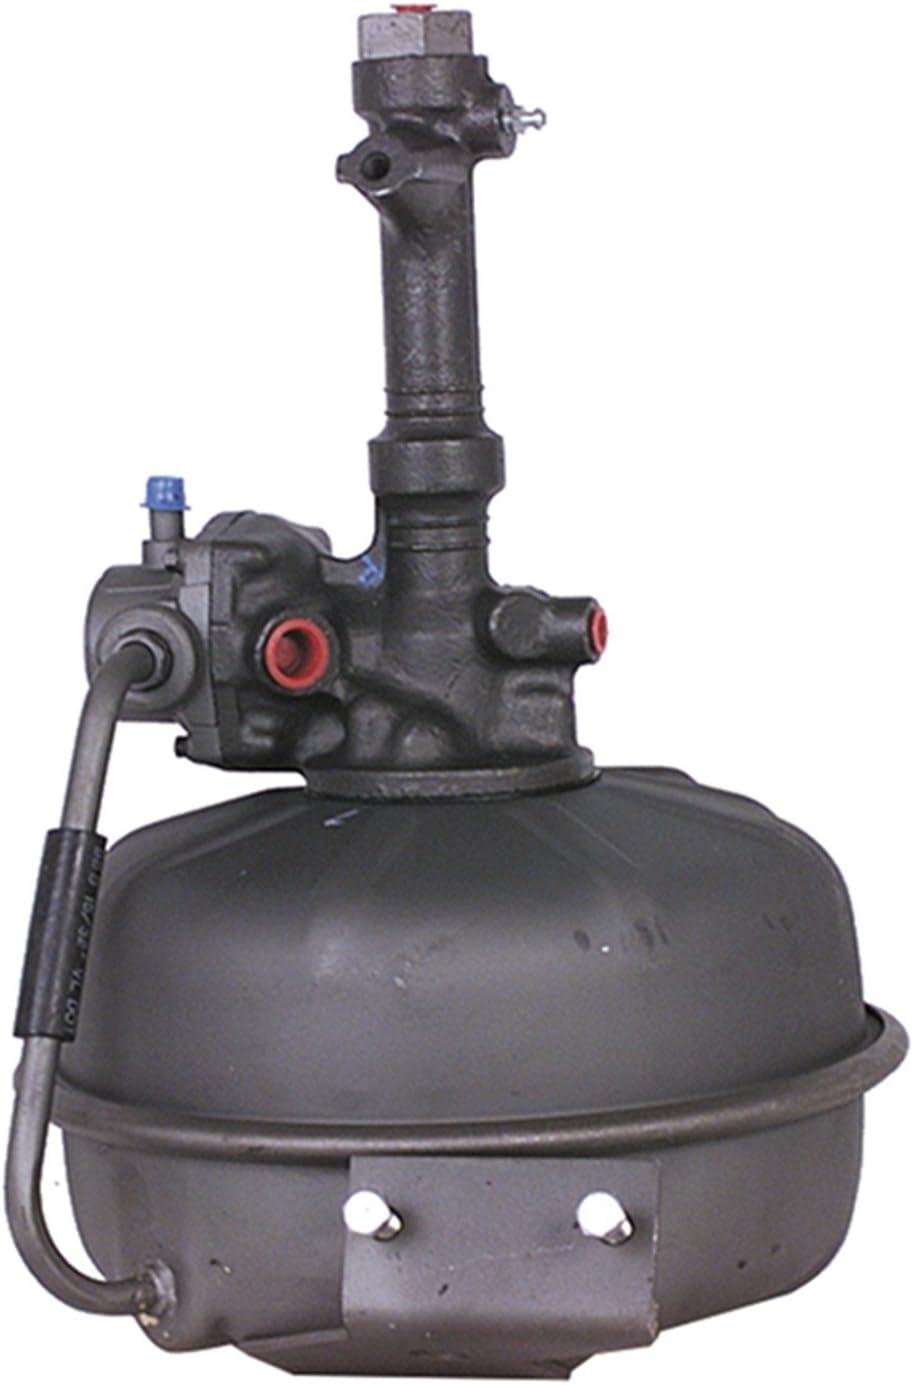 Direct Fit A1 Cardone 13-57579 Brake Master Cylinder